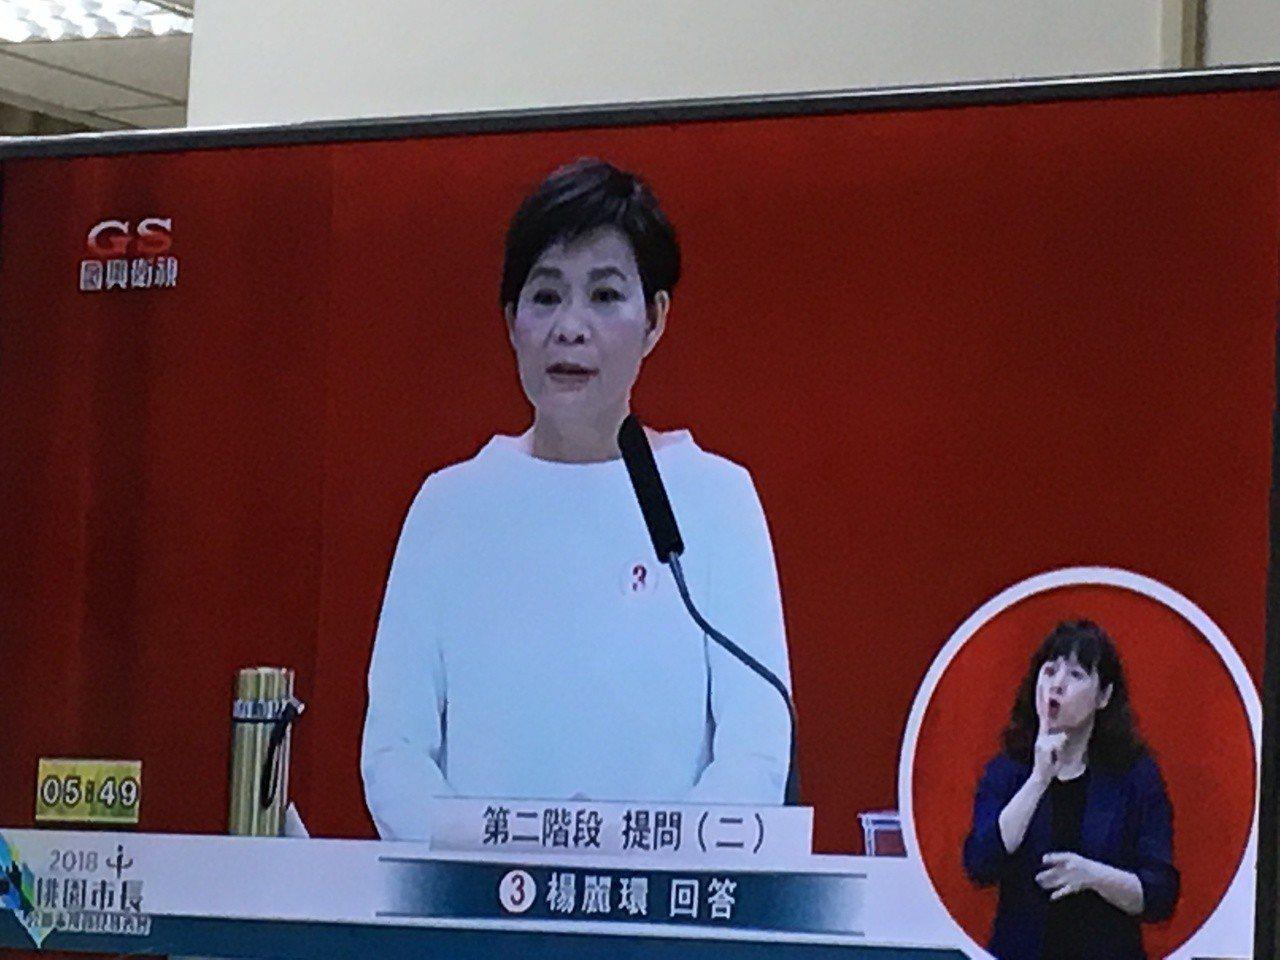 候選人楊麗環要發展國際商業大城。記者張裕珍/翻攝